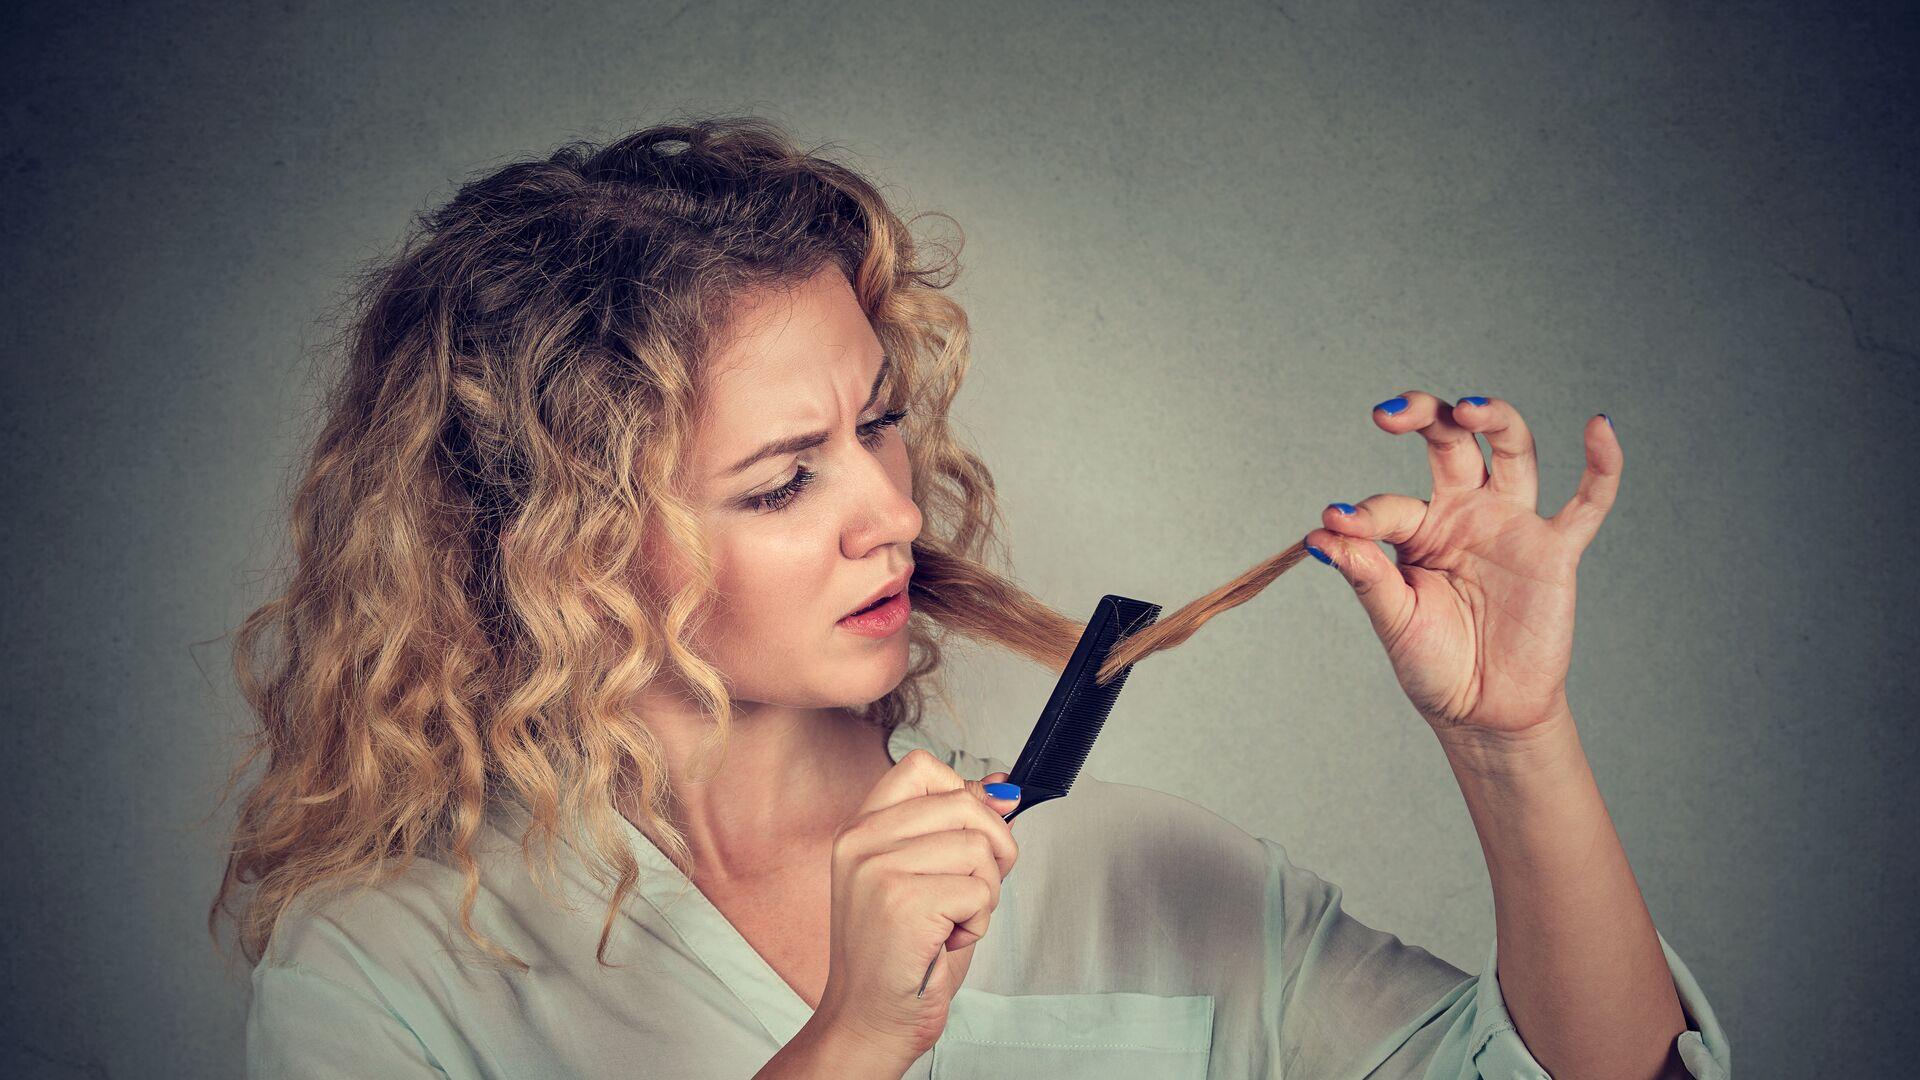 Девушка расчесывает волосы - РИА Новости, 1920, 12.03.2021